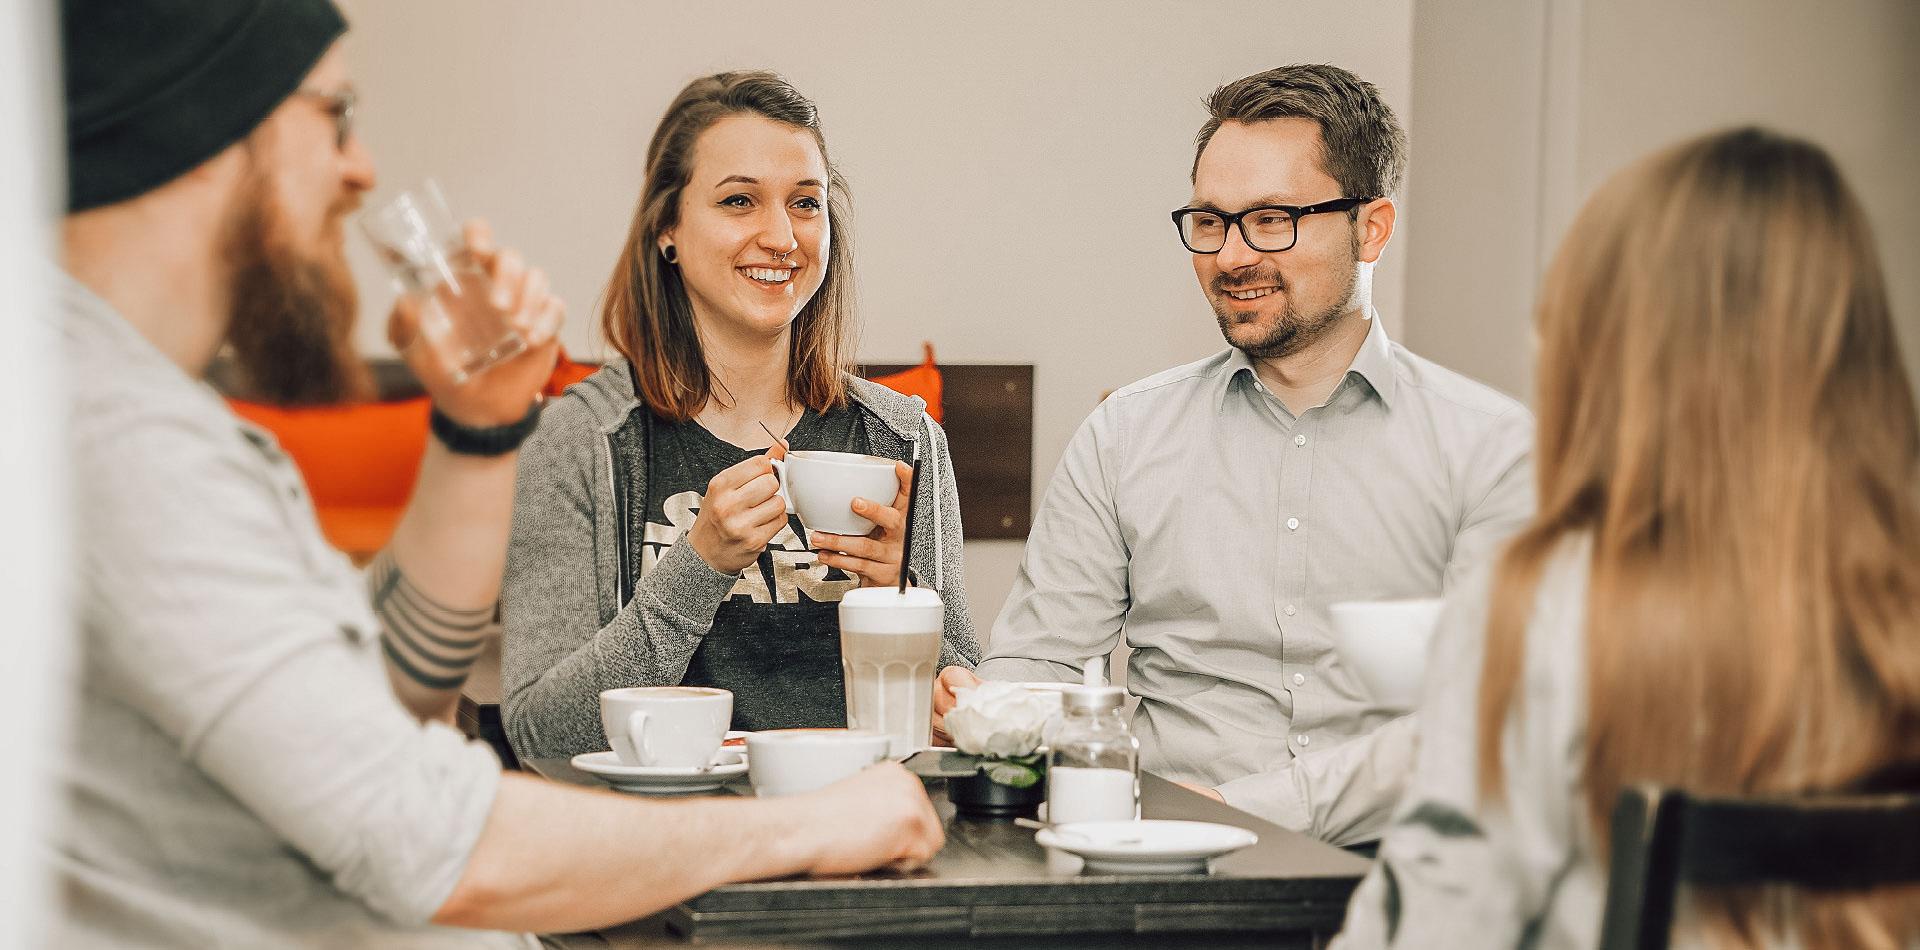 Fröhliche junge Menschen im Café